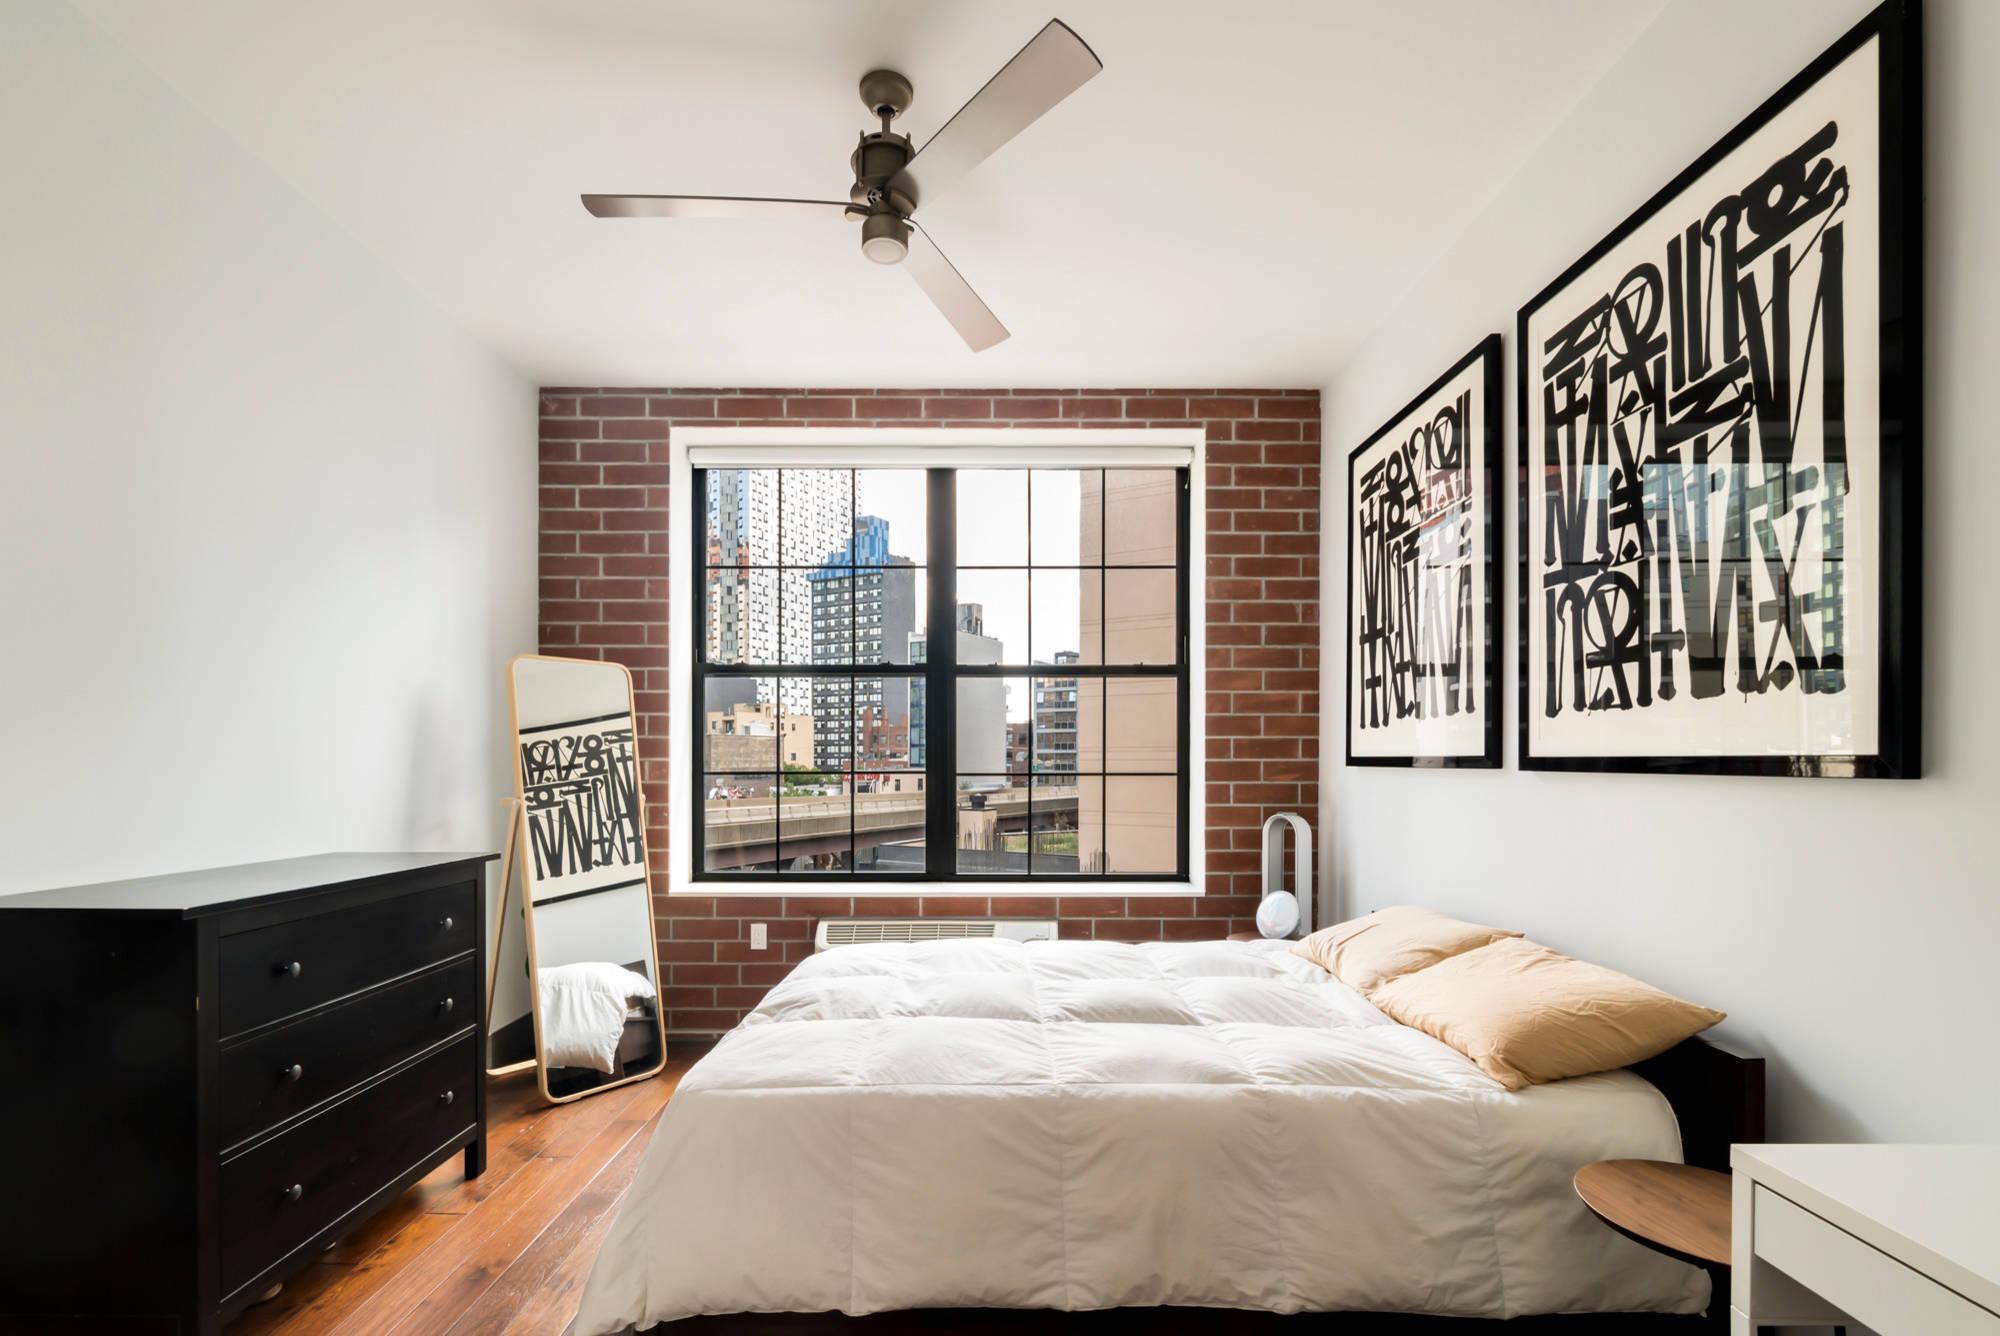 Монохромные картины в дизайне спальни